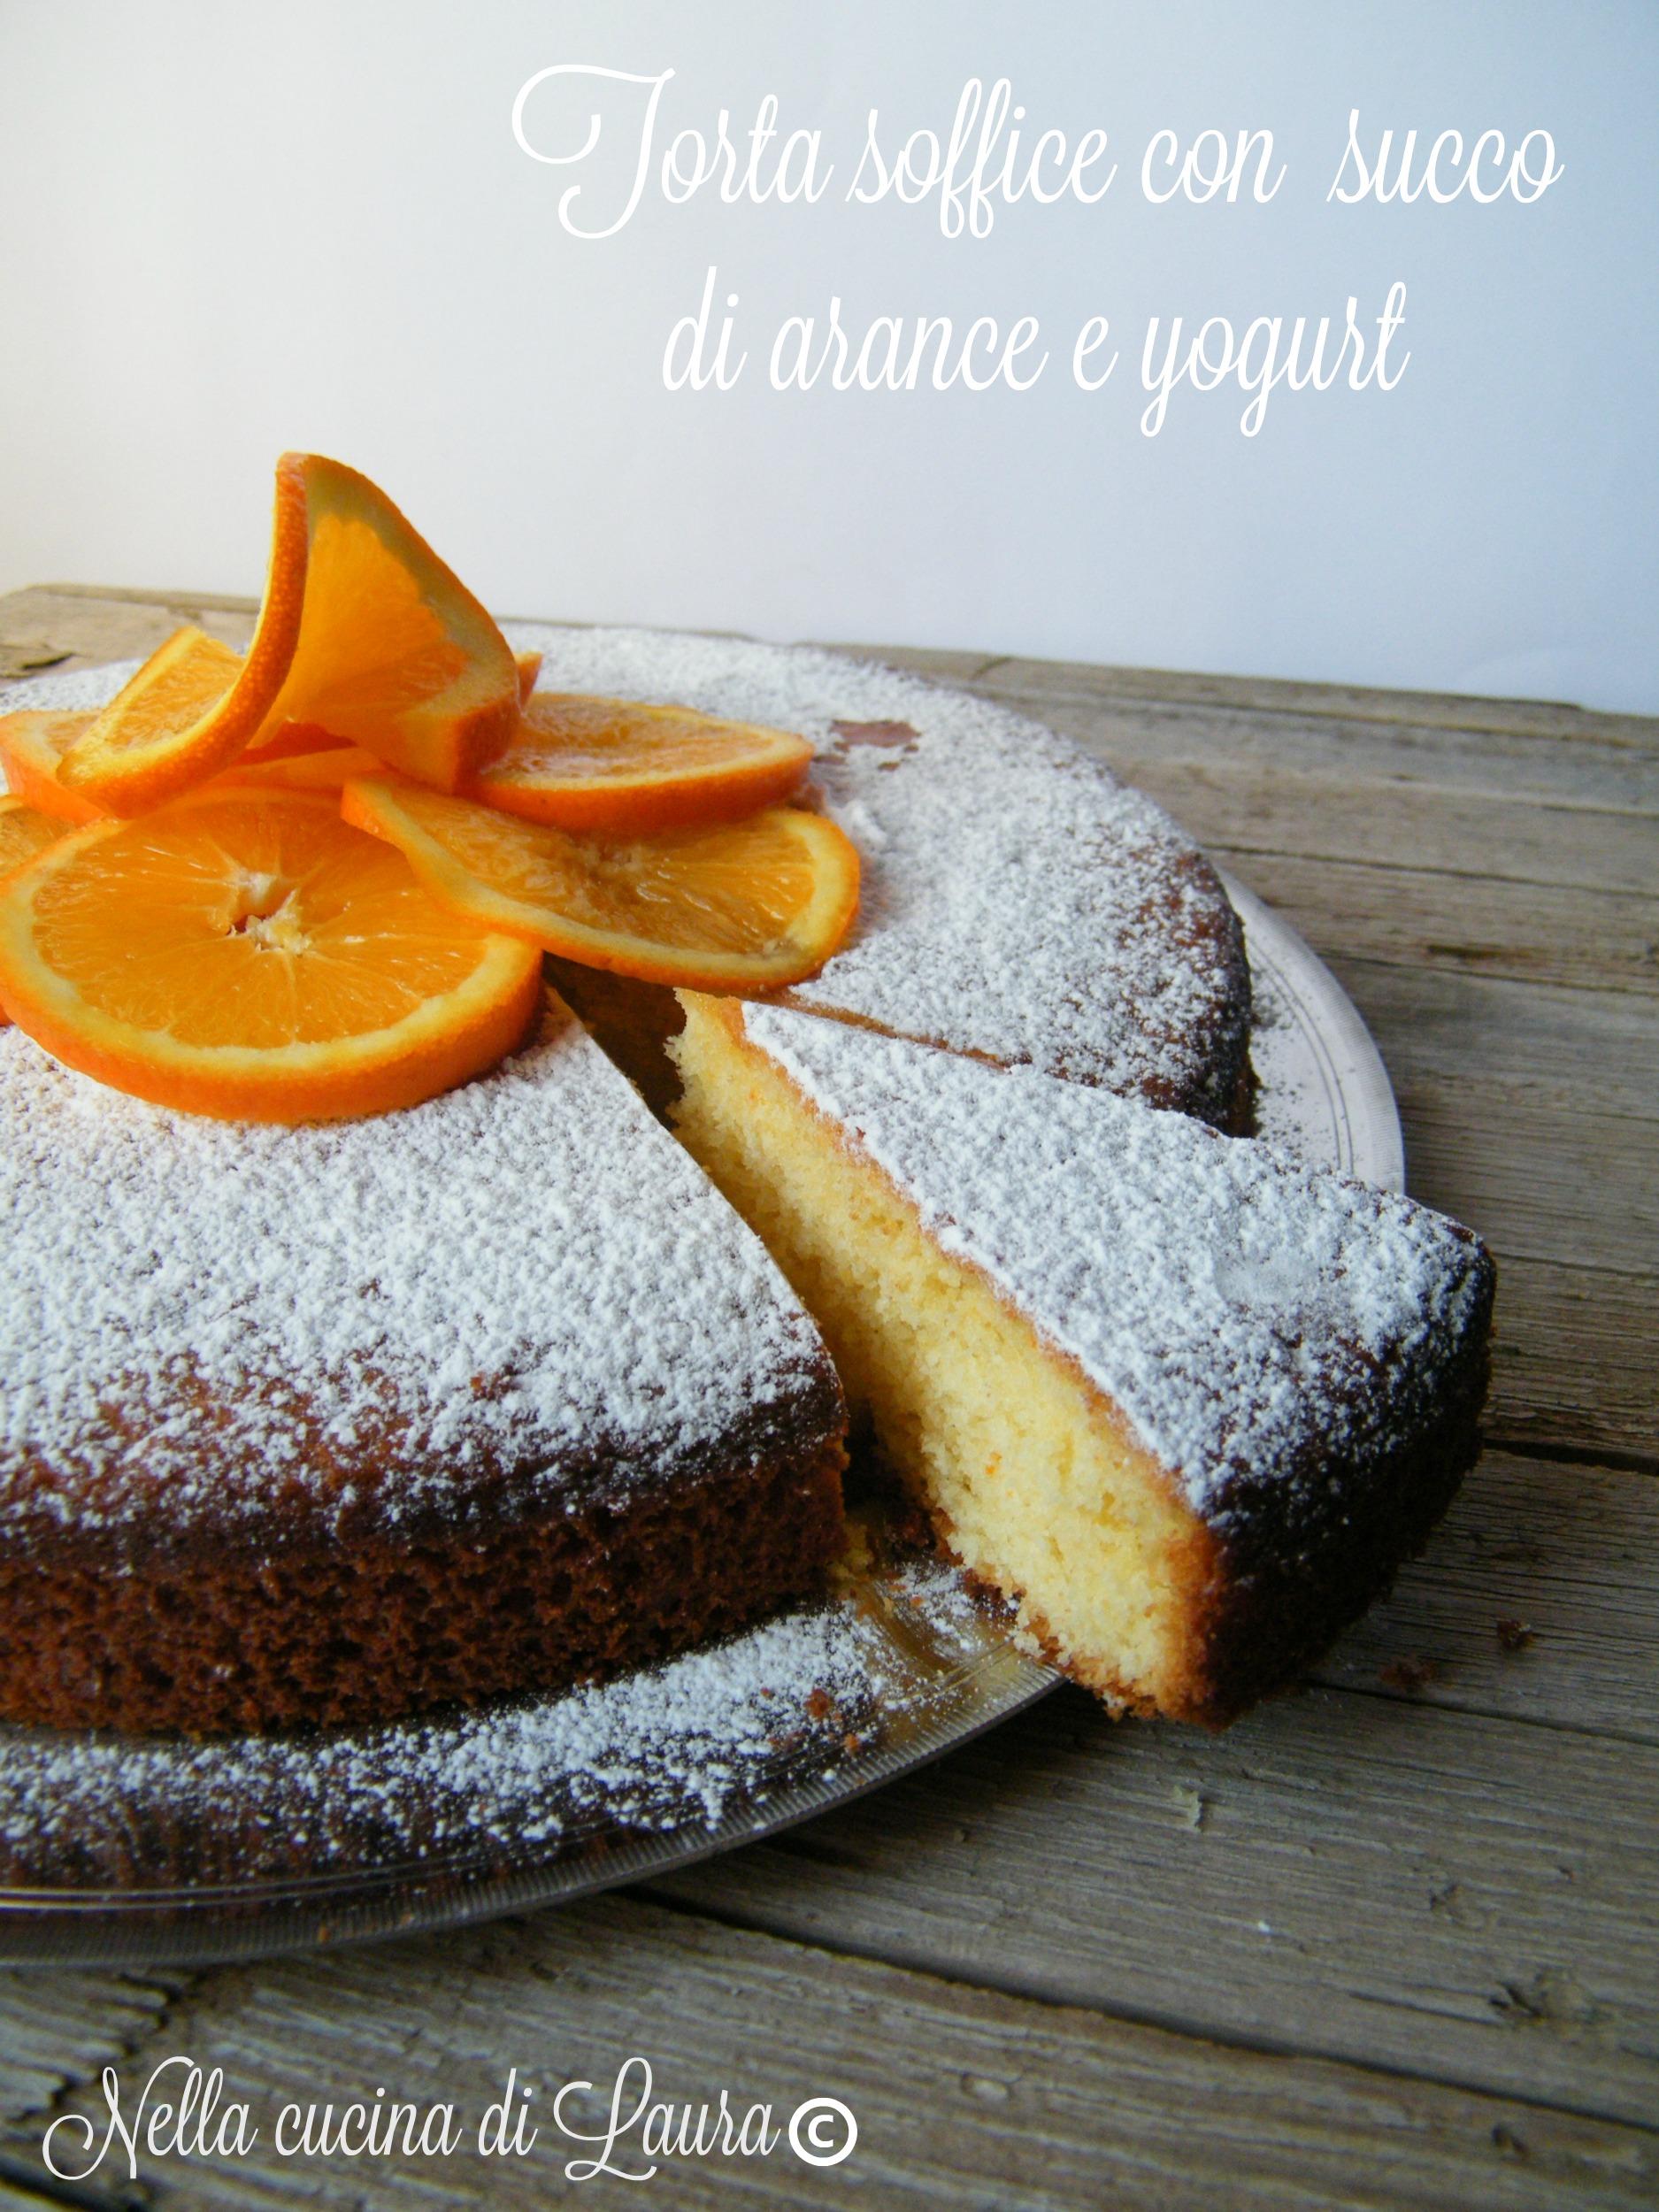 torta soffice con succo di arance e yogurt - nella cucina di laura